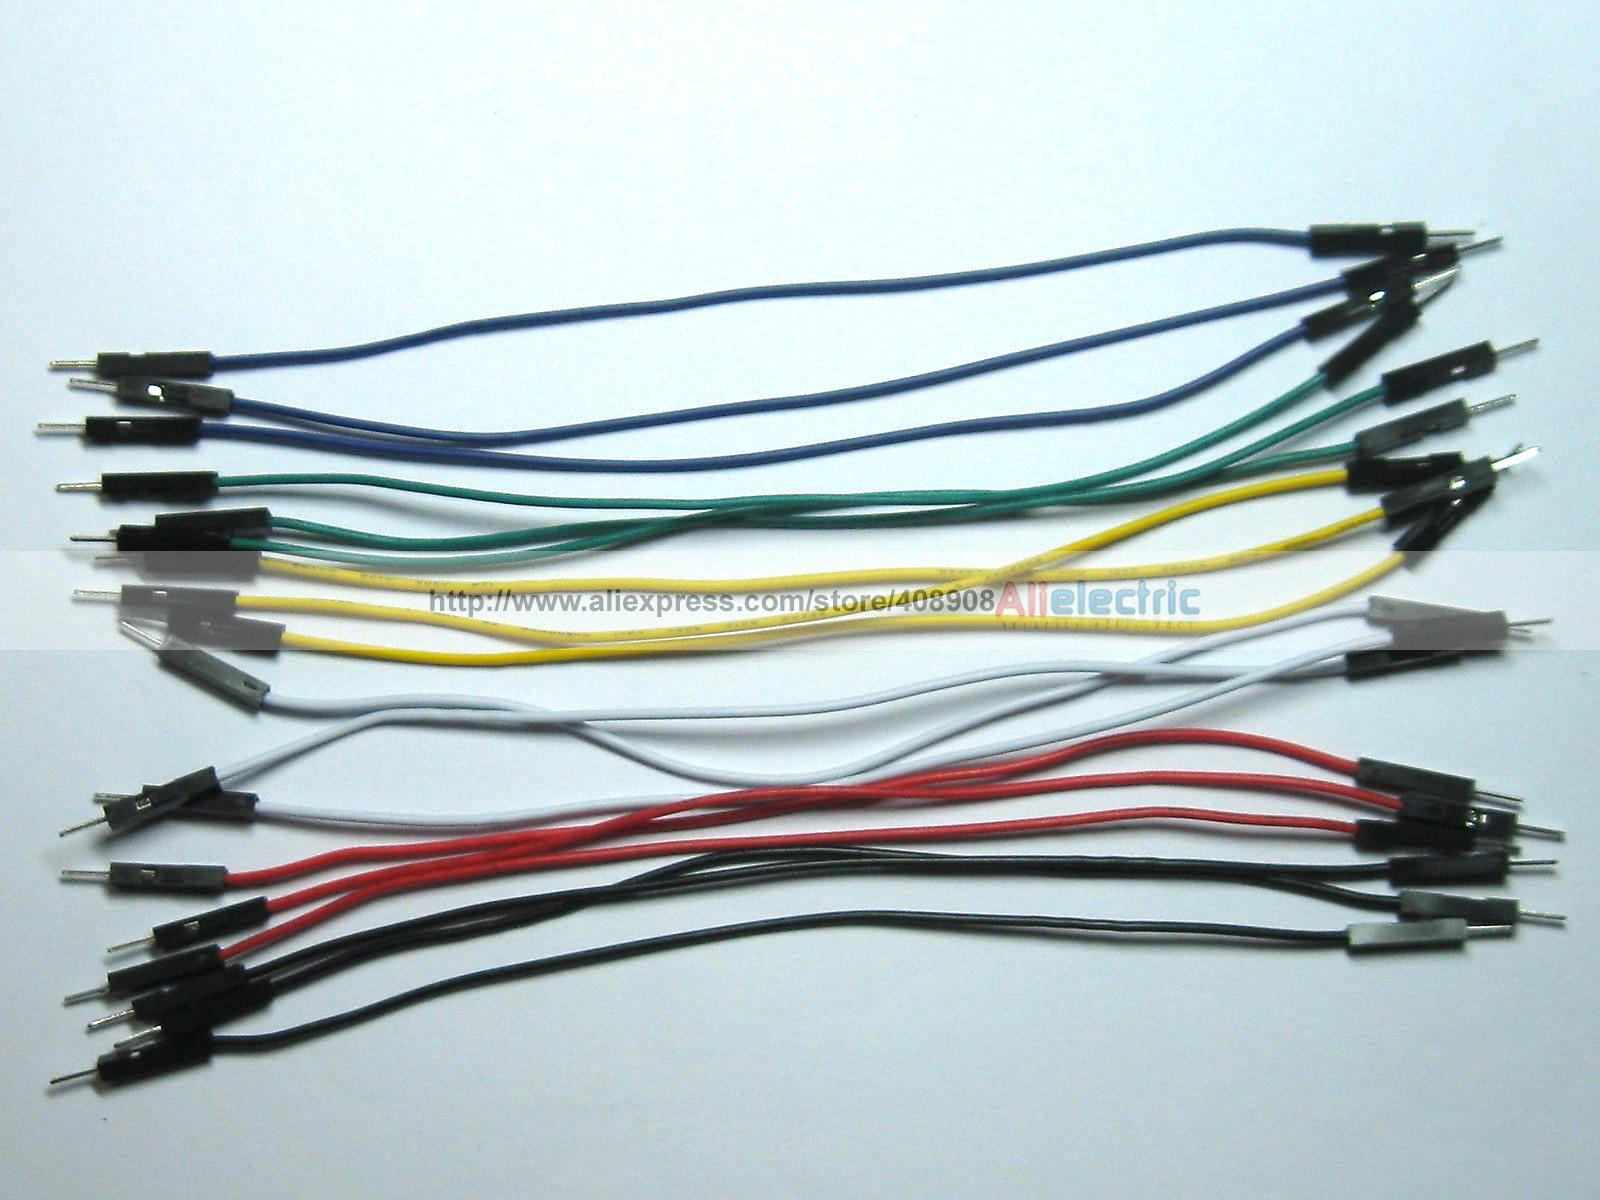 300 Adet Jumper Tel Erkek 1 Pin Pitch 2.54mm 6 Renkler 15 cm 6300 Adet Jumper Tel Erkek 1 Pin Pitch 2.54mm 6 Renkler 15 cm 6